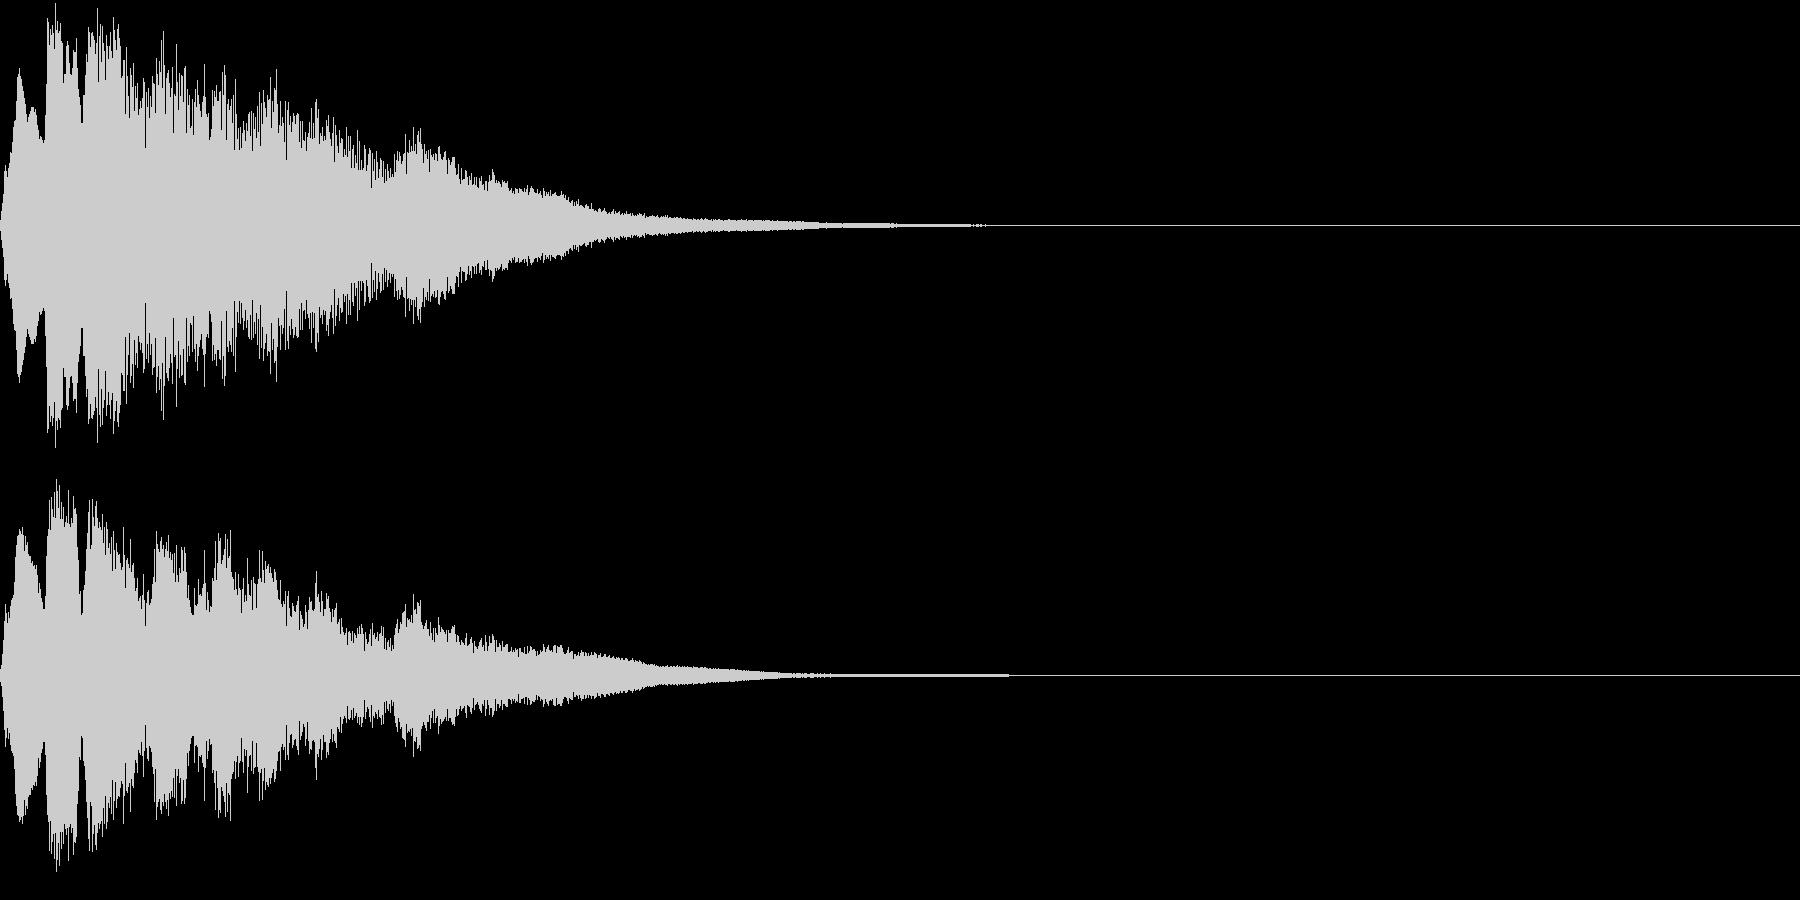 理科 化学 実験 変化 不思議 22の未再生の波形